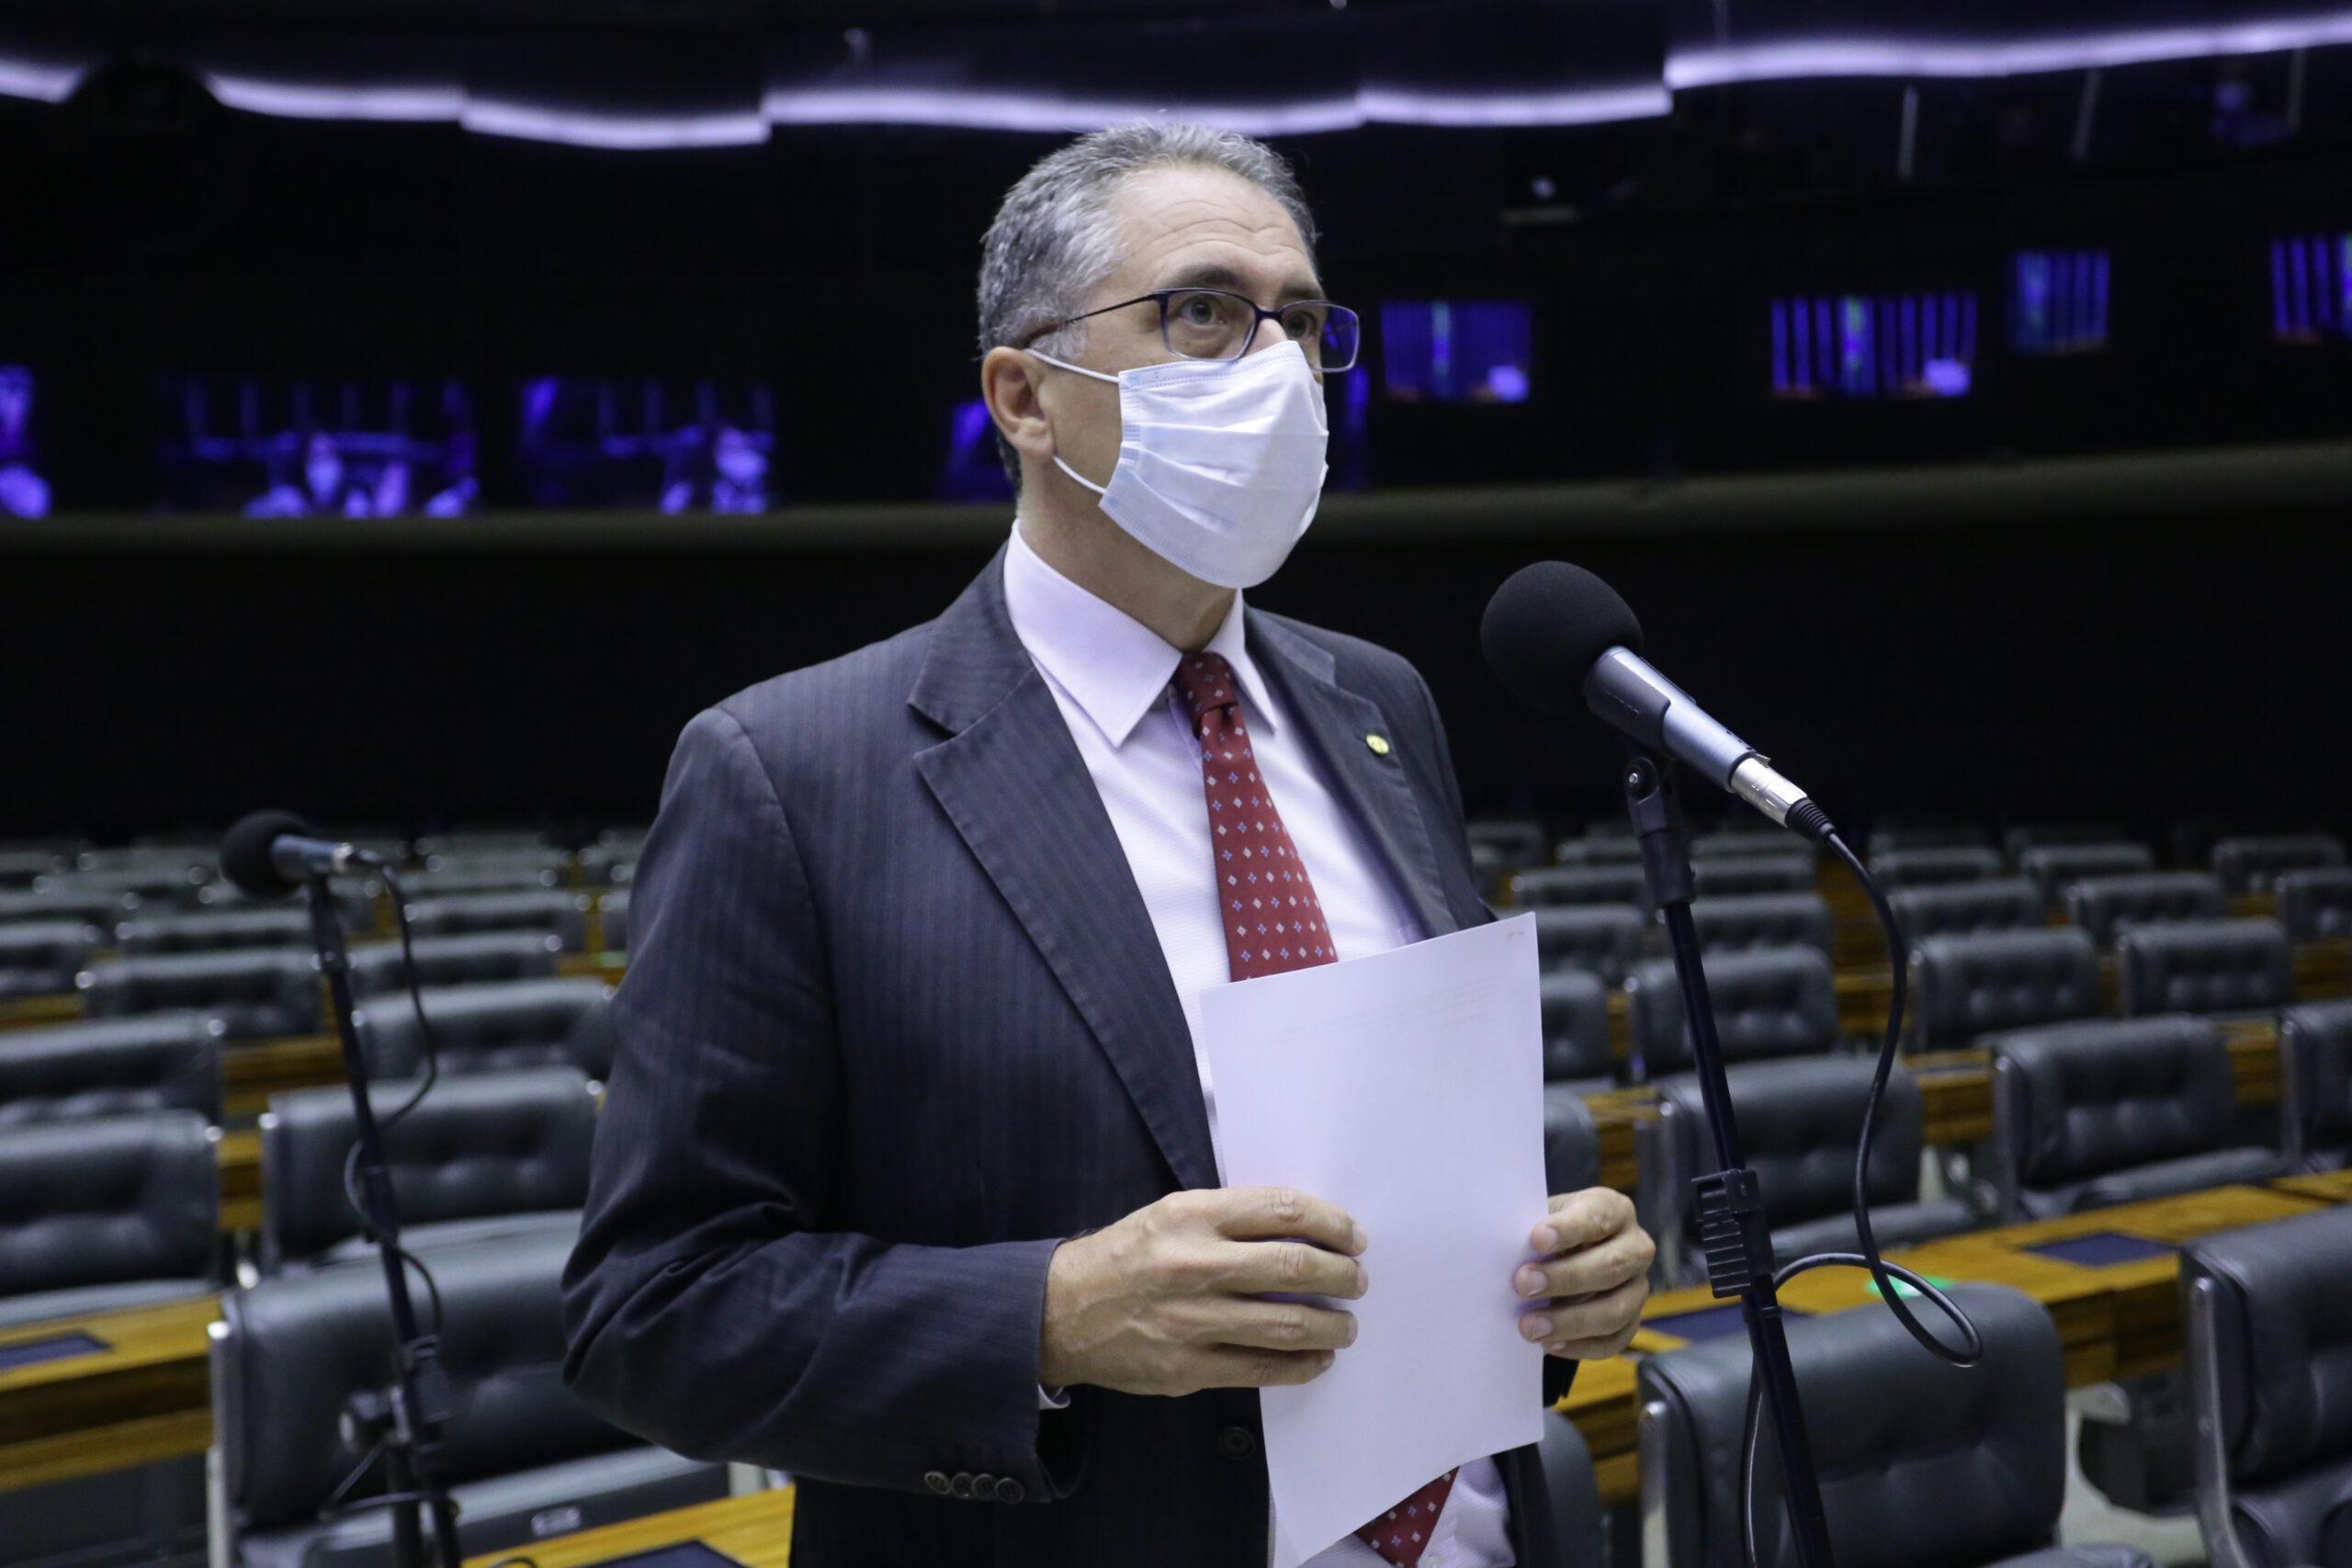 Vale-gás: projeto da Tarifa Social do Gás aguarda votação na Câmara